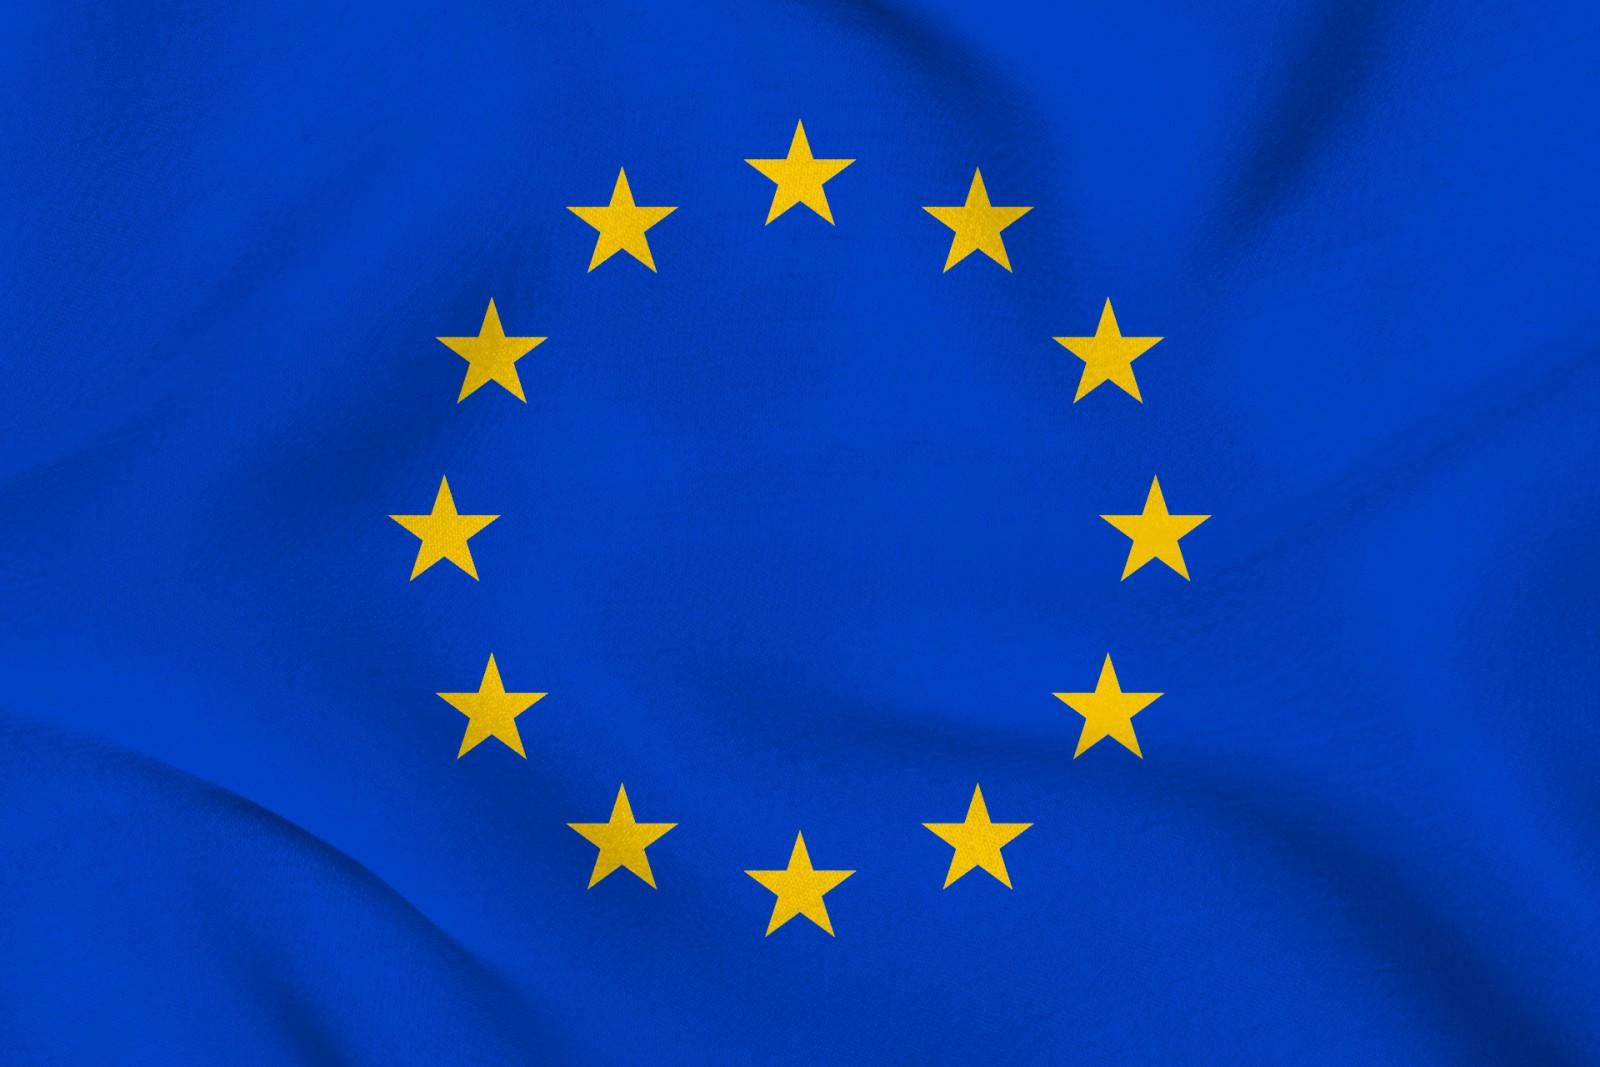 Présidence du Conseil de l'Union Européenne : après la Lettonie, le Luxembourg